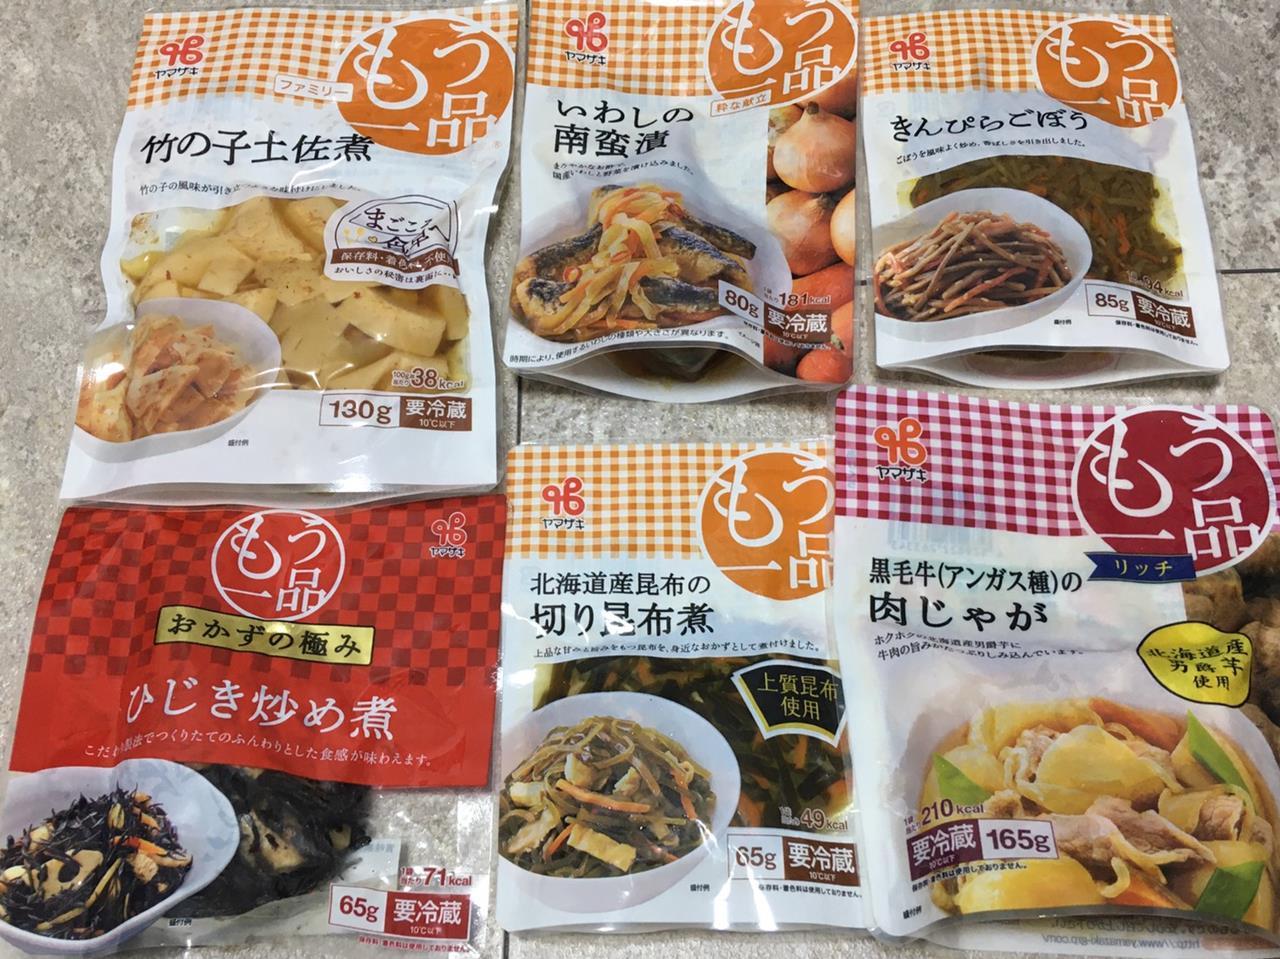 カネ吉の惣菜おまかせセットのブログ画像